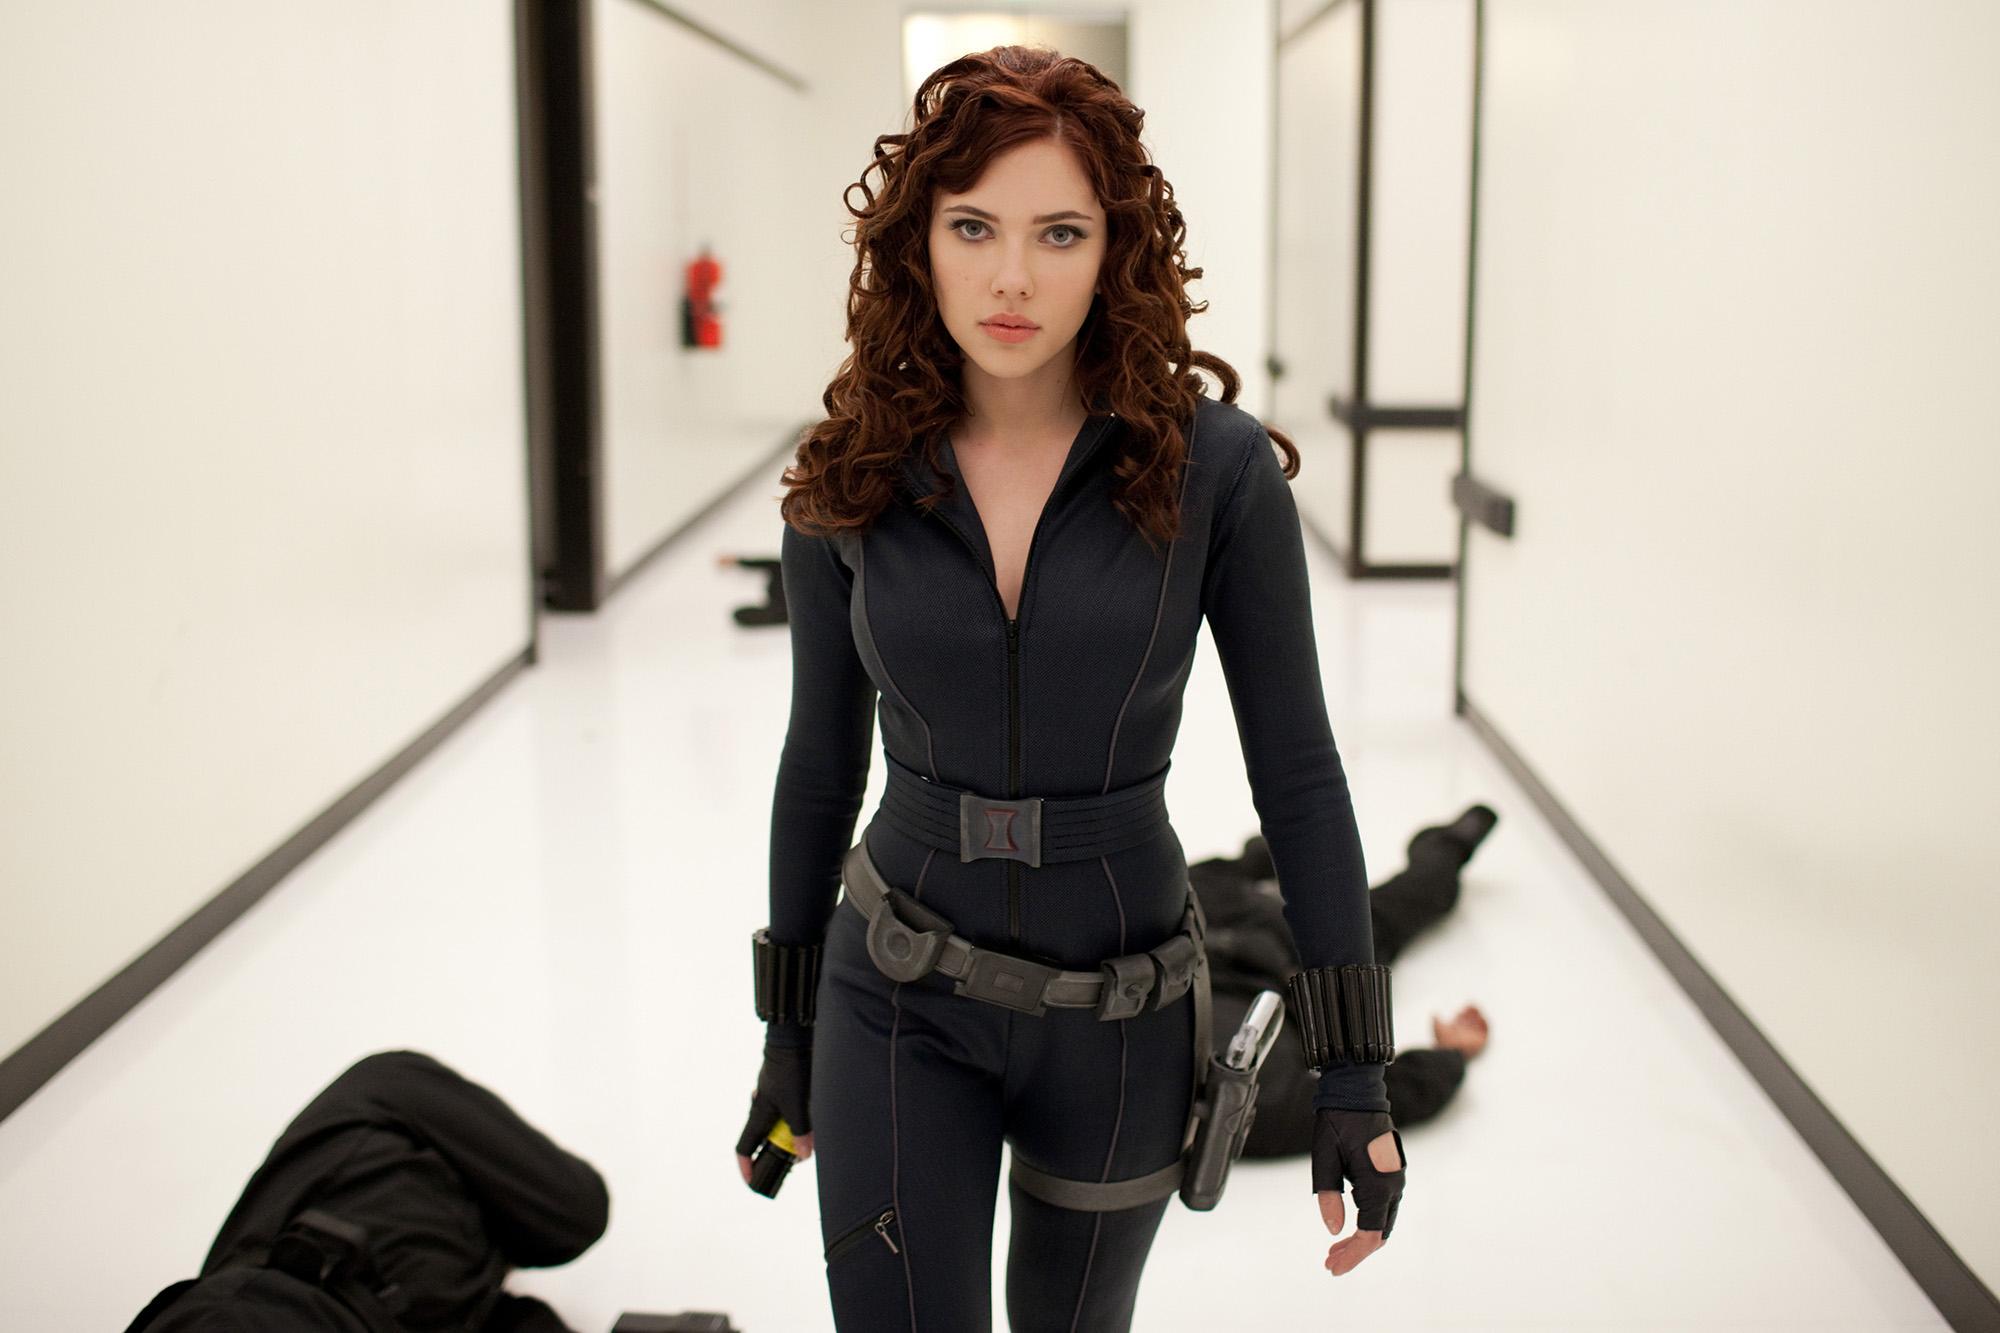 Scarlett Johansson calls out 'piece of ass' treatment of 'Black Widow'